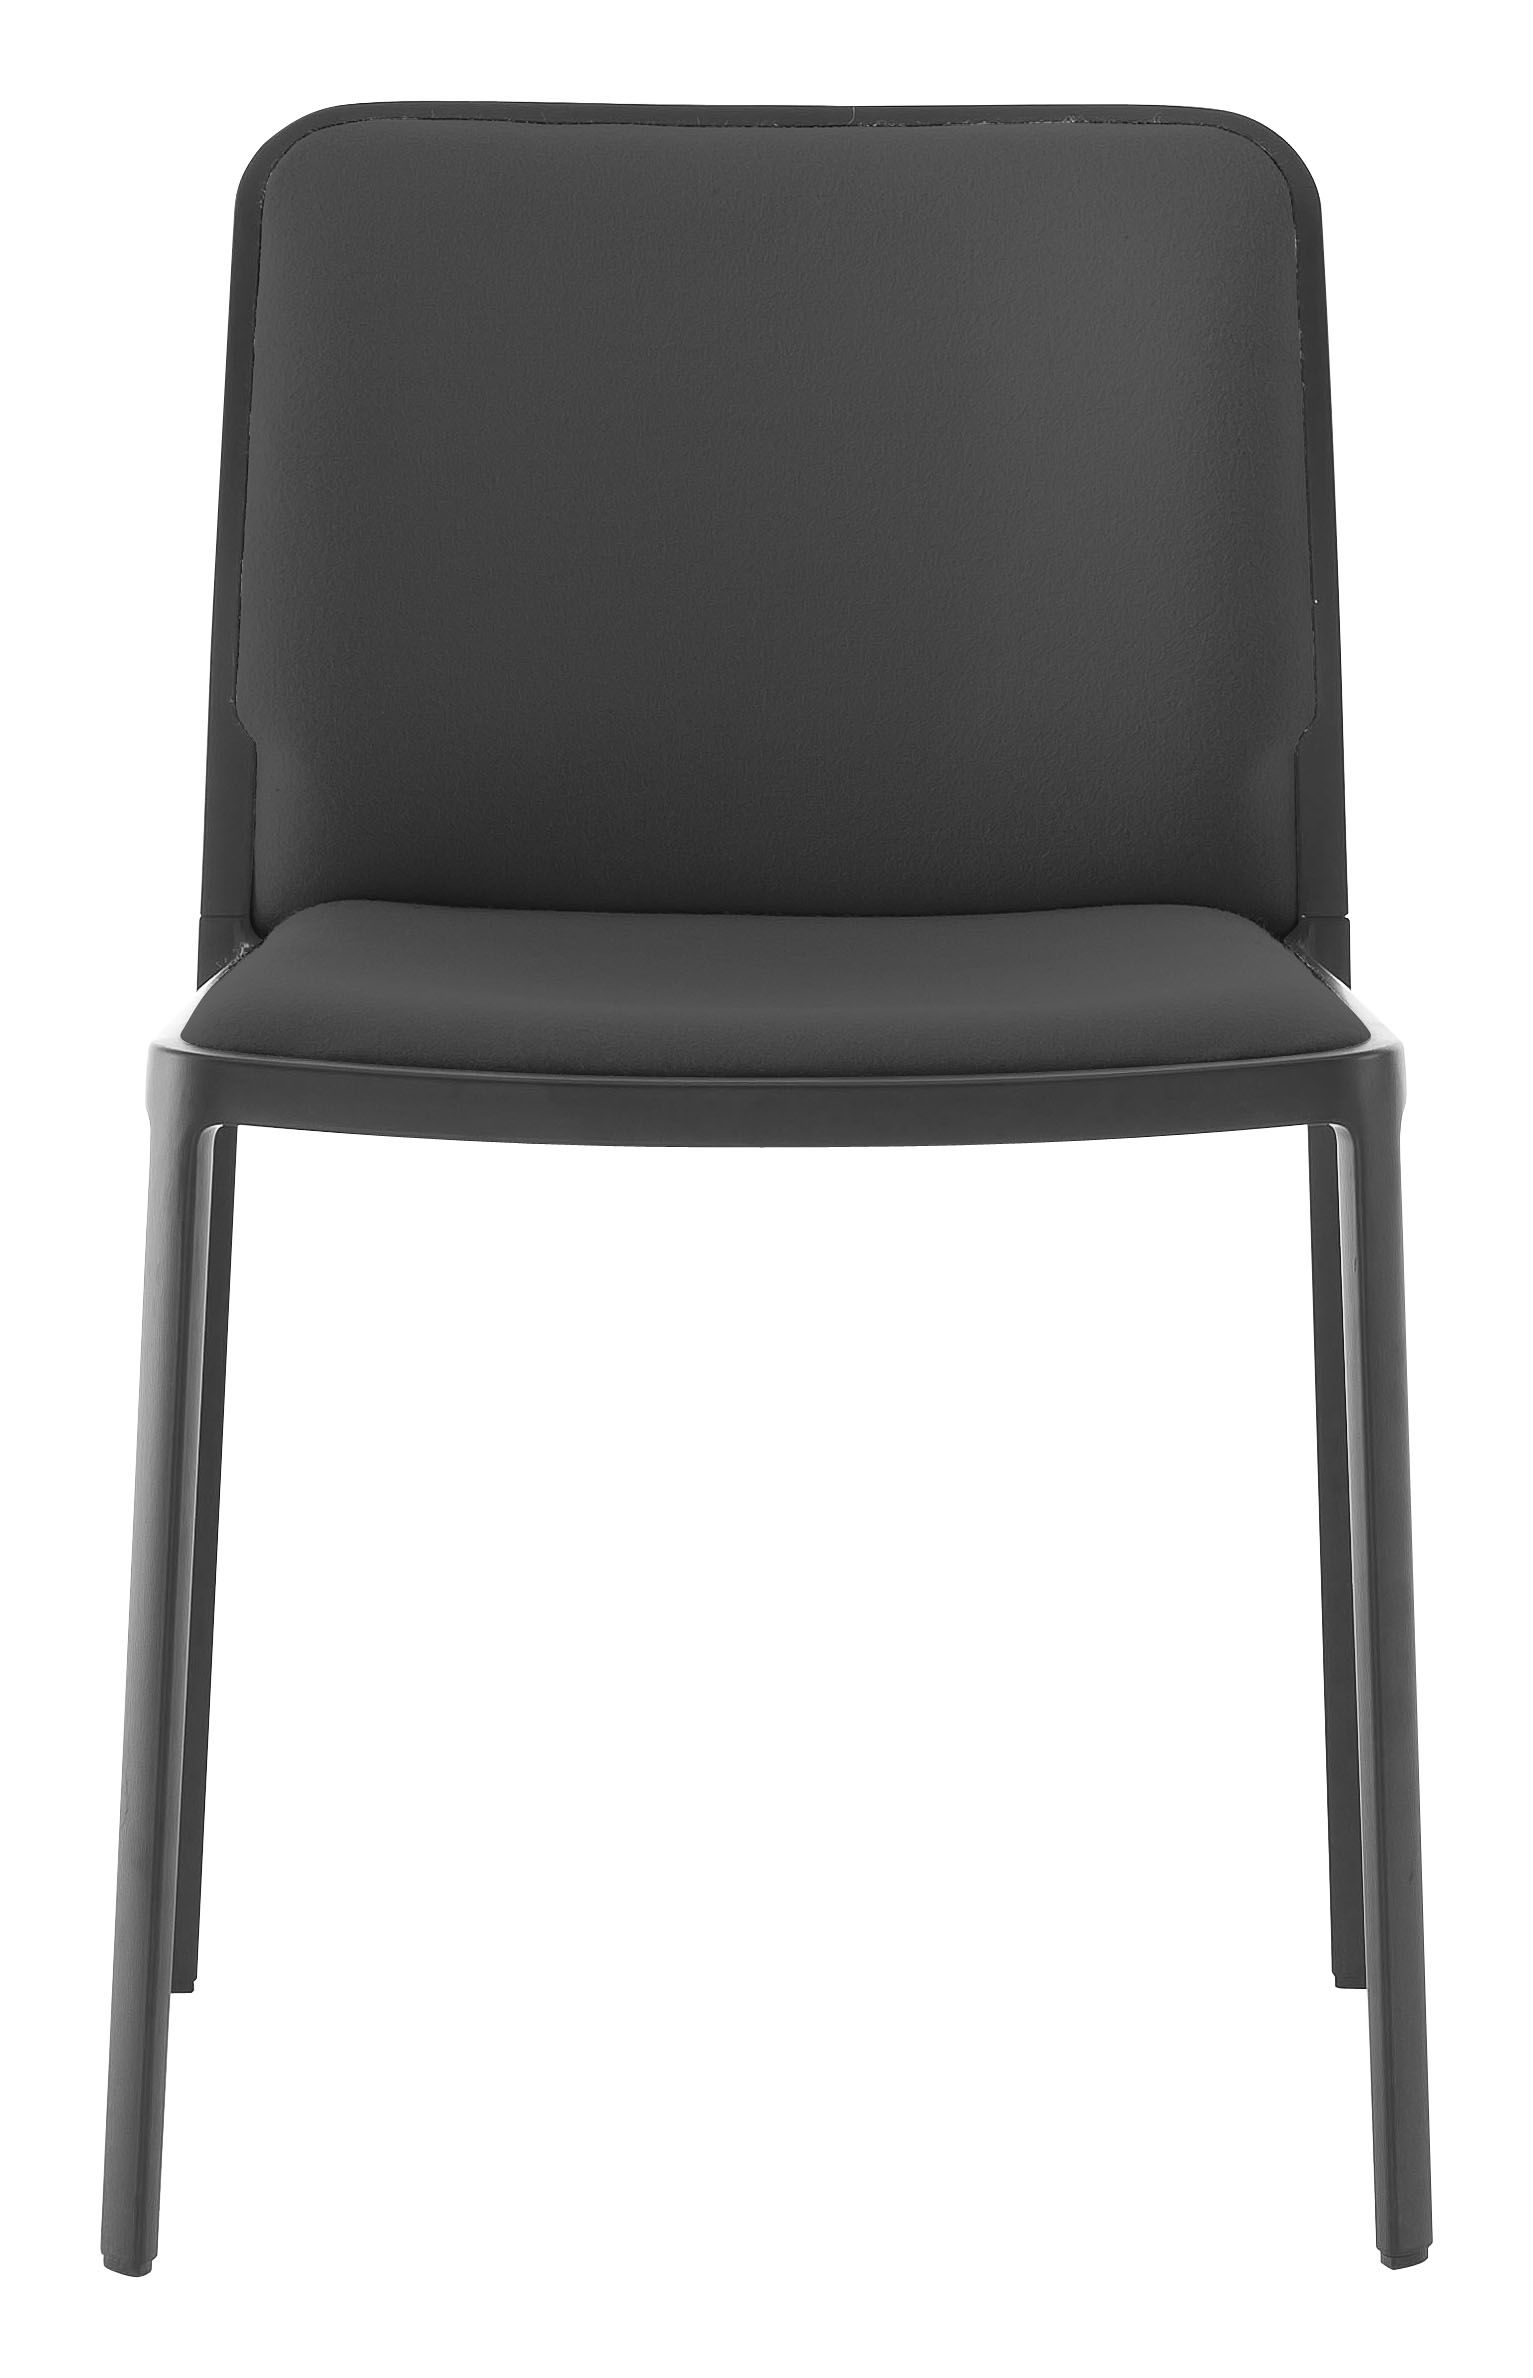 Mobilier - Chaises, fauteuils de salle à manger - Chaise rembourrée Audrey Soft / Structure laquée - Kartell - Structure noire / Assise tissu noir - Aluminium laqué, Tissu